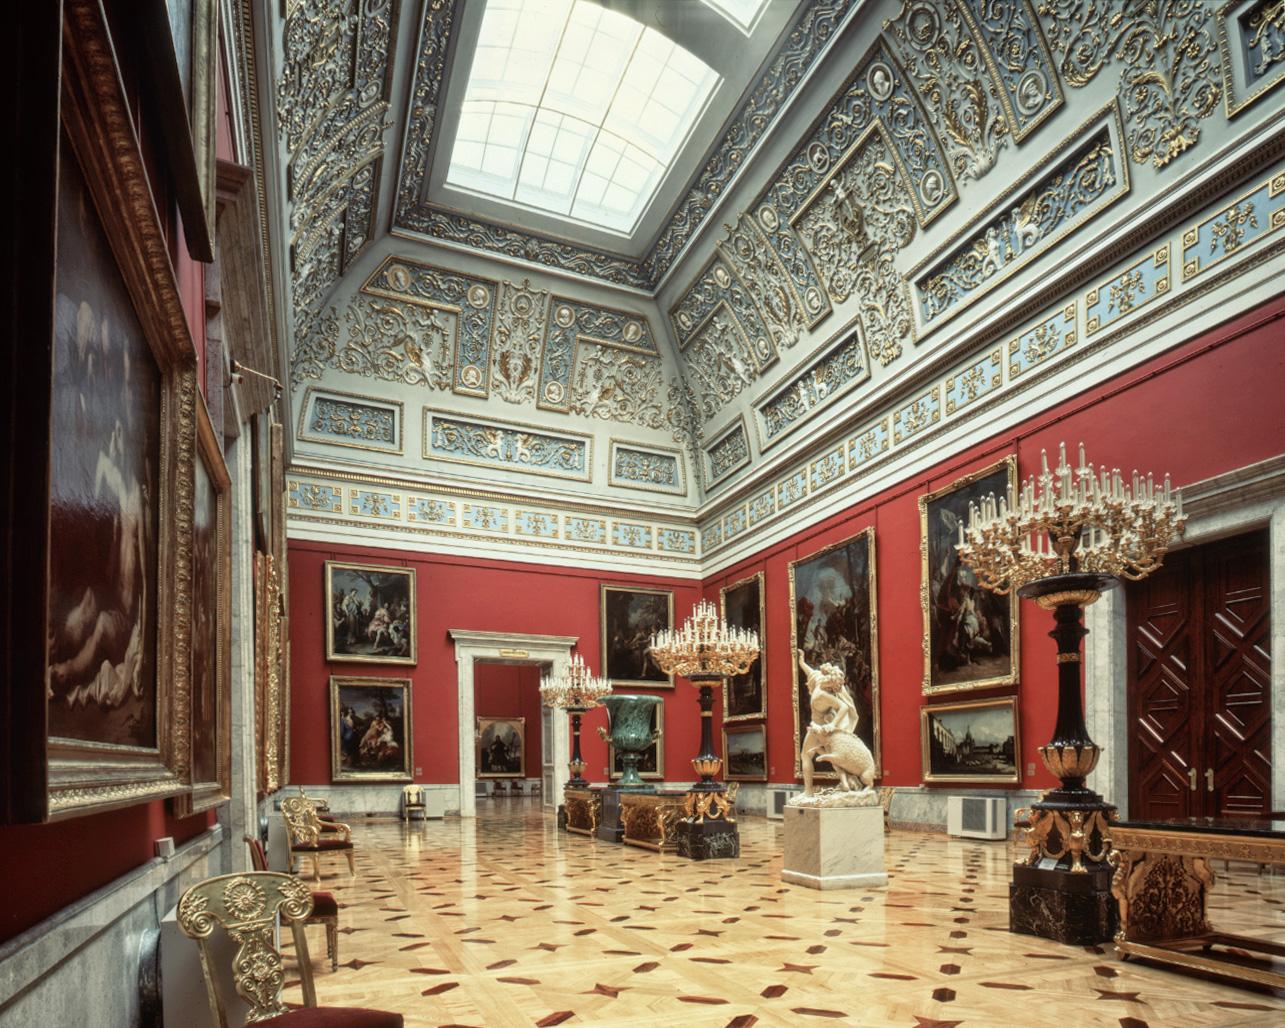 Salle Italienne, Musée de l'Ermitage - Saint-Pétersbourg 2008